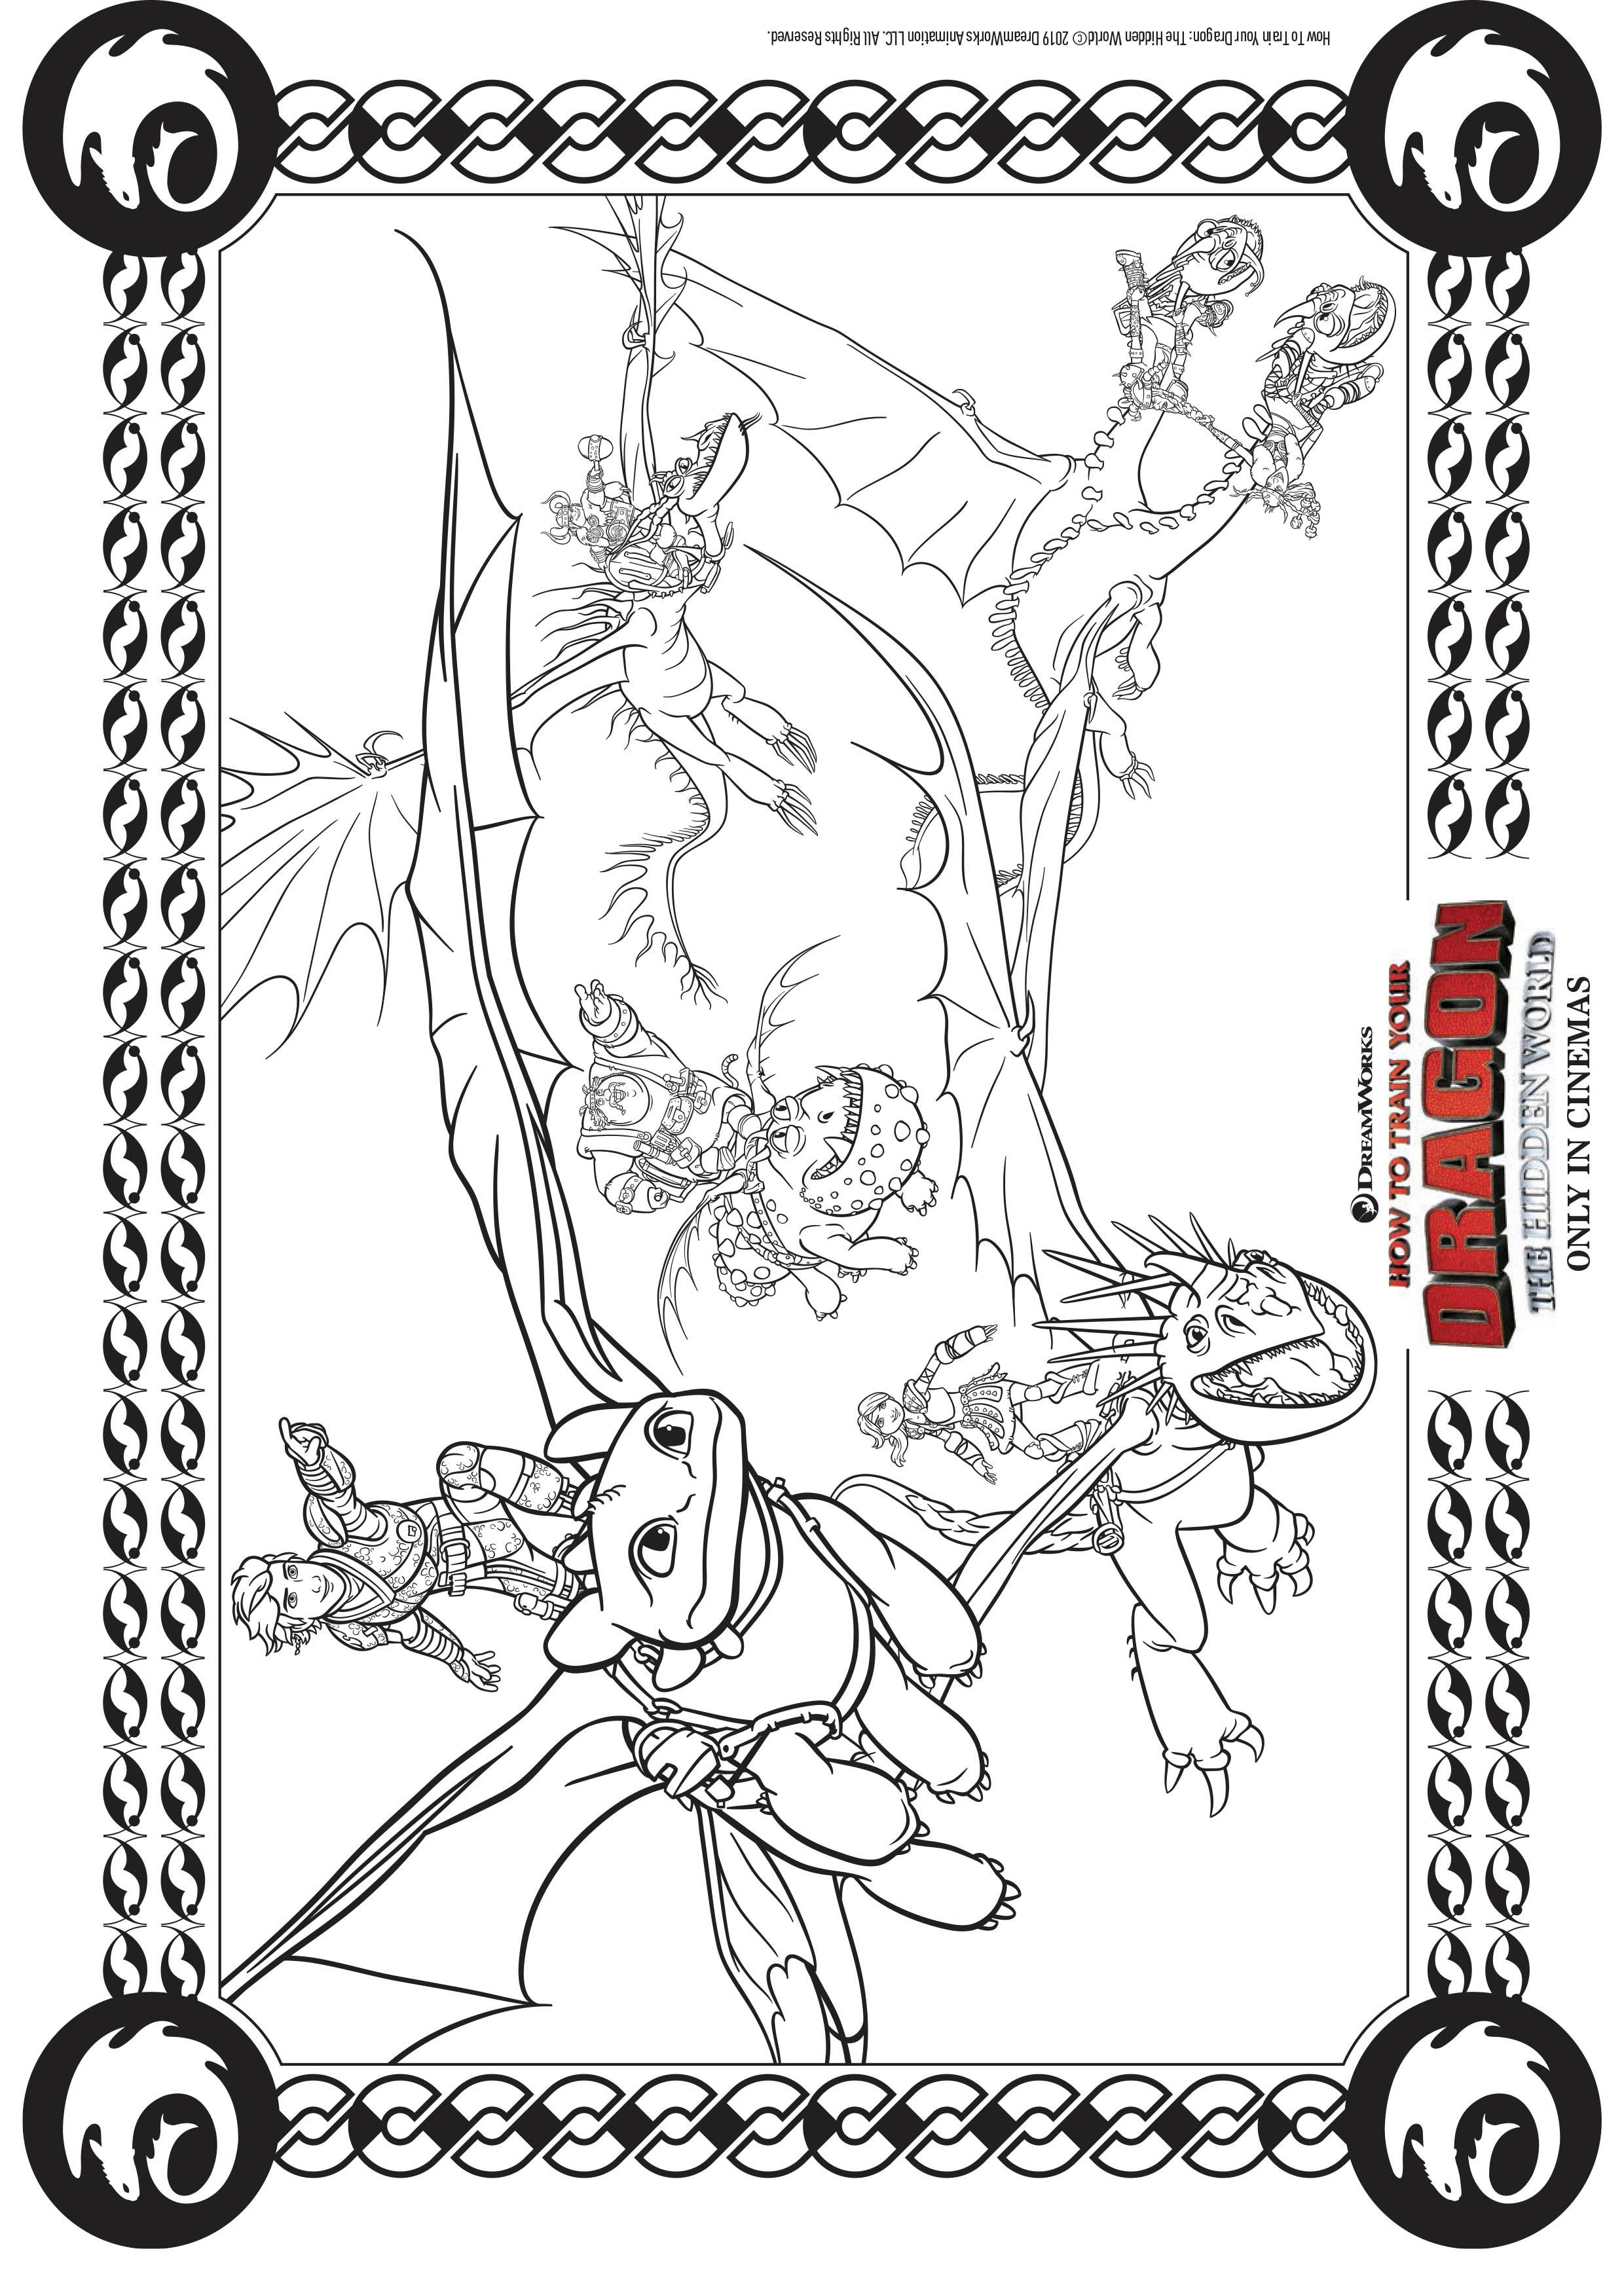 Voler En Equipe Coloriage Dragons 3 Coloriages Pour Enfants